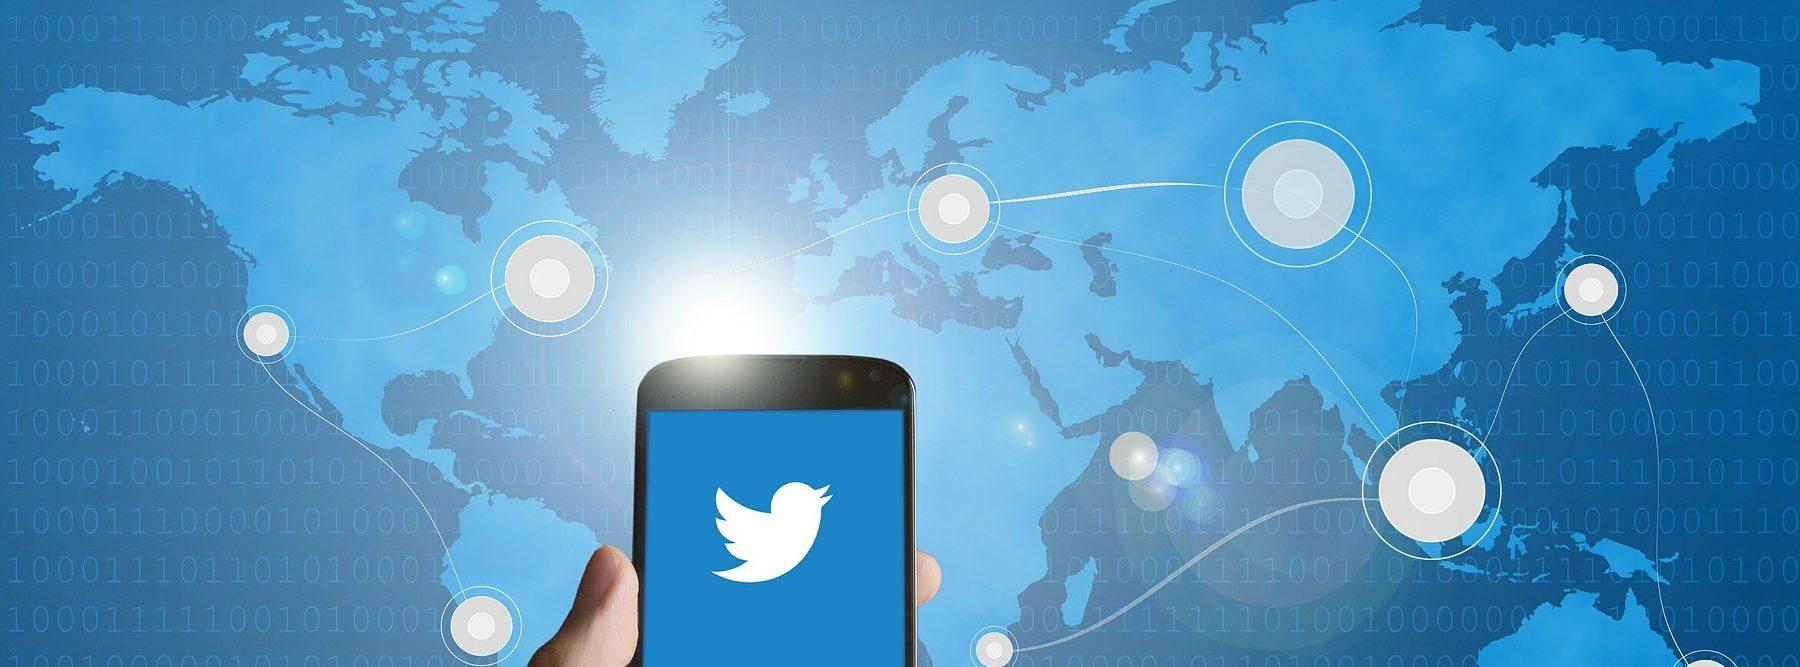 ¿Conoces a todos tus seguidores de Twitter?